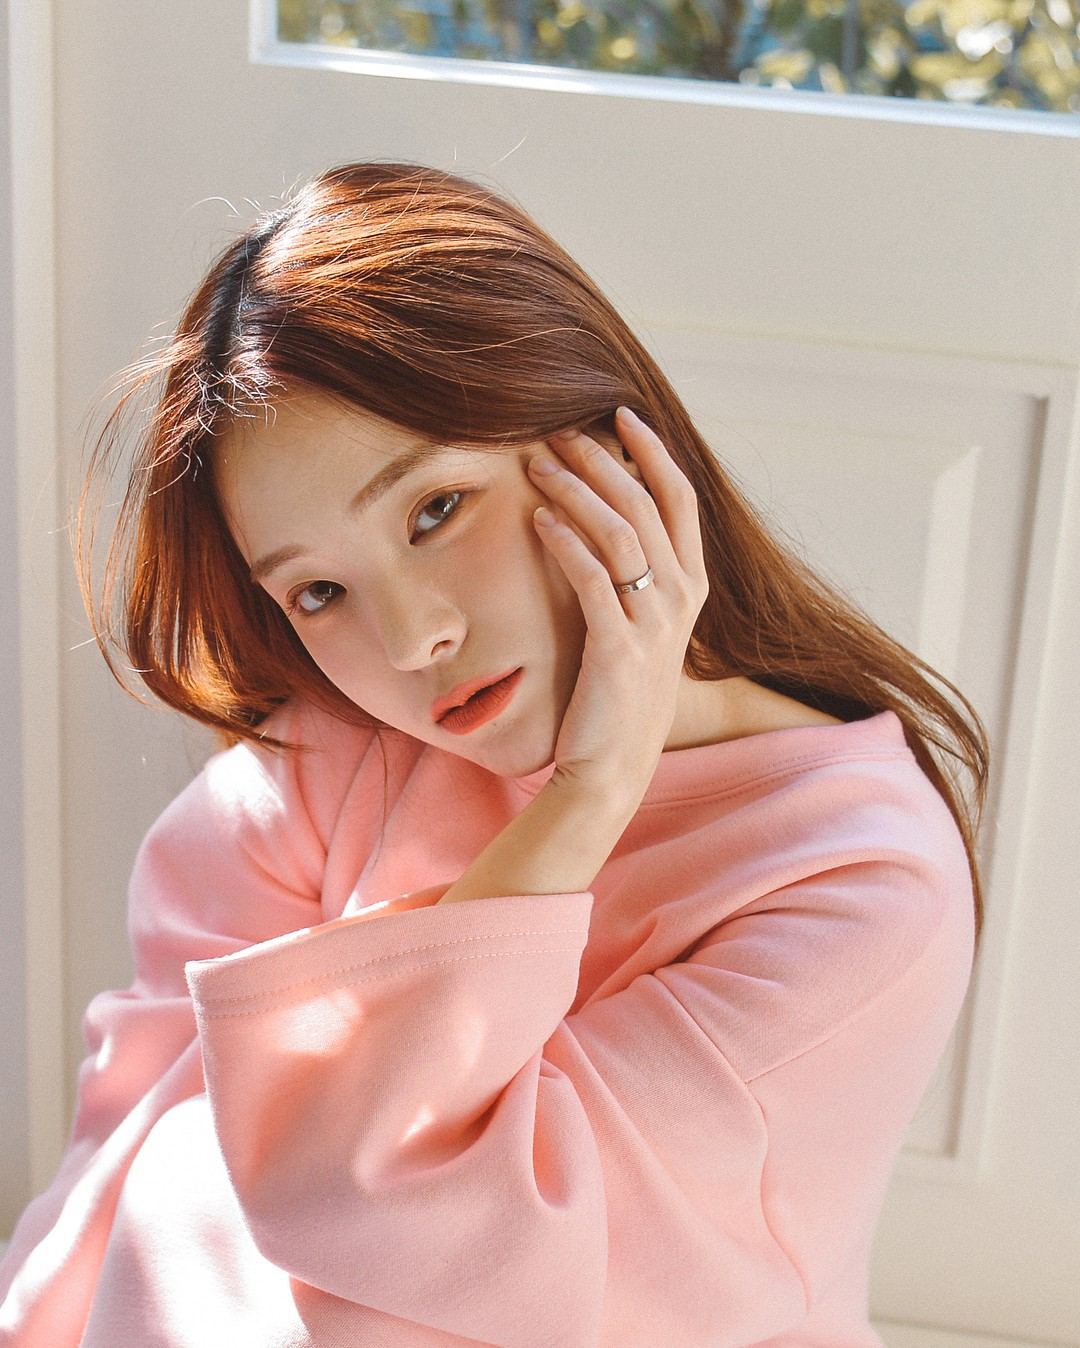 Bí quyết dưỡng da đỉnh cao của gái Nhật: Không ngại nắng mà da vẫn trắng hồng - Ảnh 1.